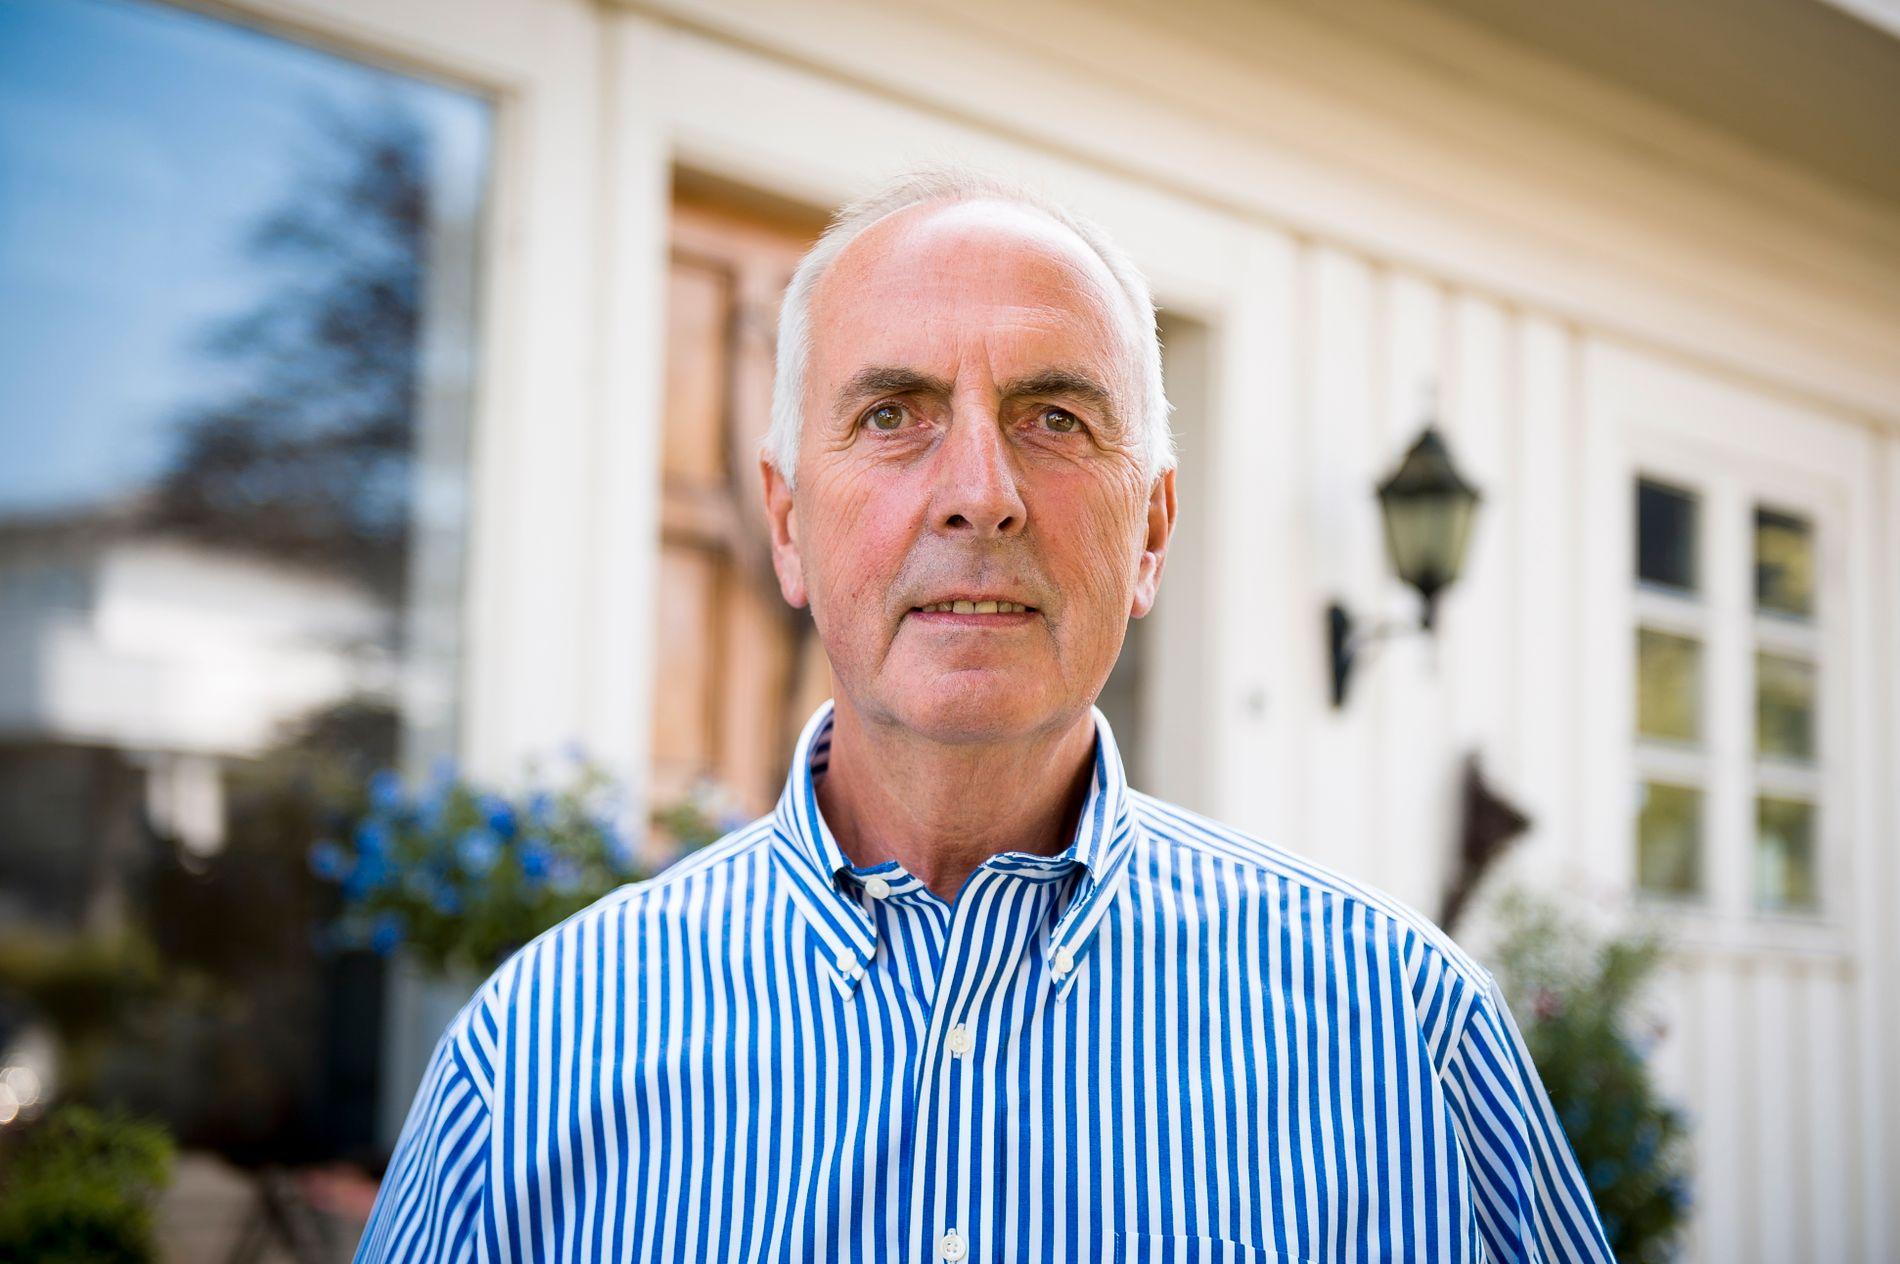 SKAPER VIRAK: Stanley Wirak (Ap) er ordfører i Sandnes i Rogaland. Han mener bompengenivået i Norge har nådd et tak. Nå vil han ha omkamp om rushtidsavgiften i bommene.